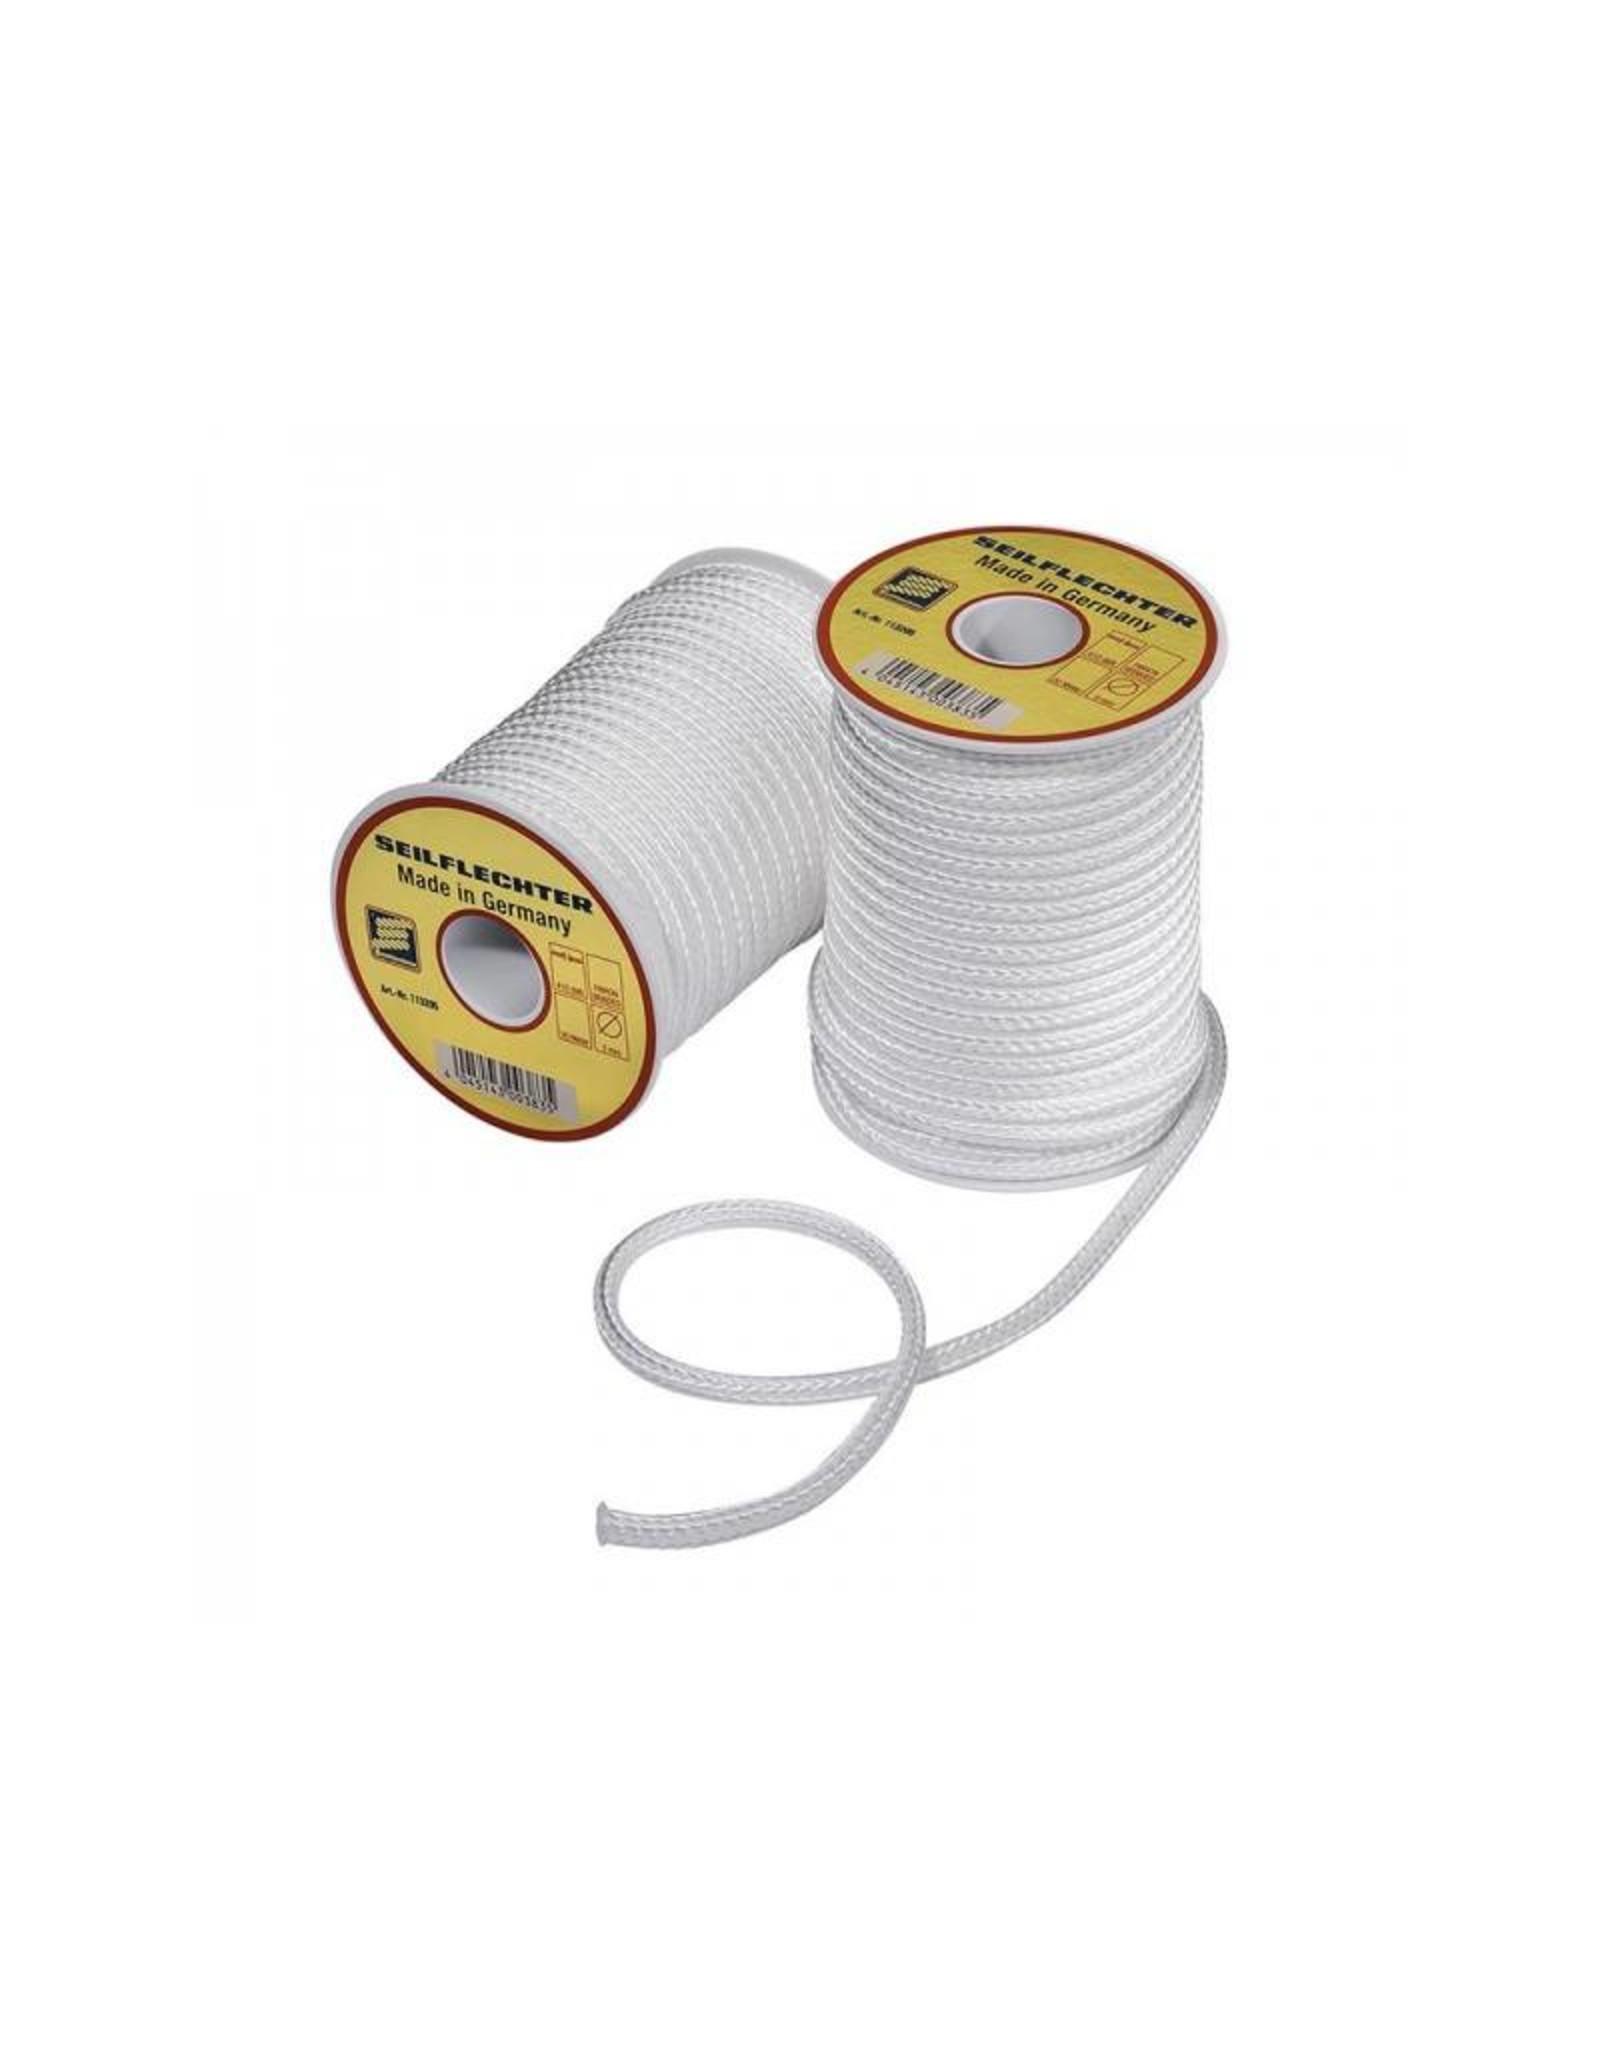 Fibron koord, gevlochten, 5mm, 20m op een spoel, wit, 410 daN